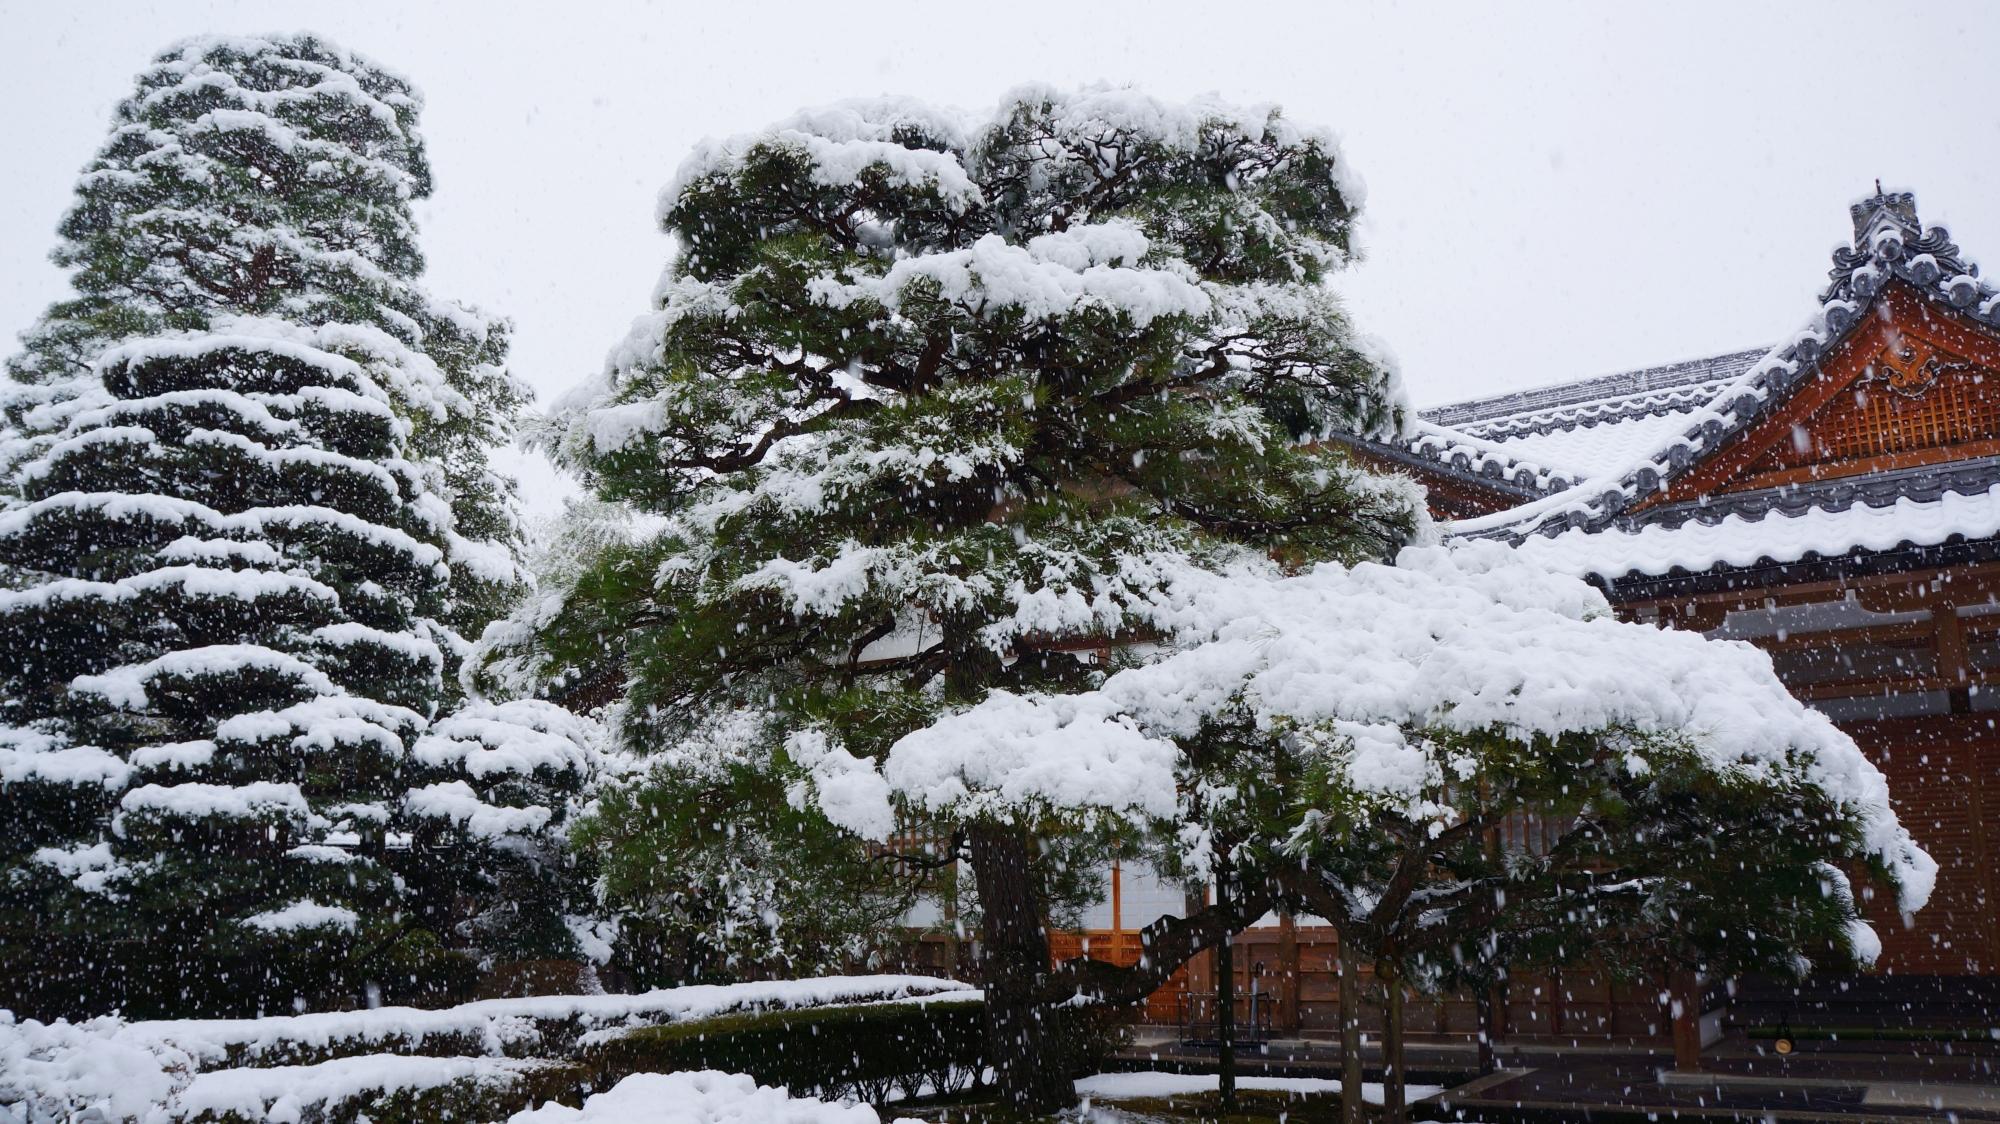 雪が強くなり木々が白くそまる銀閣寺